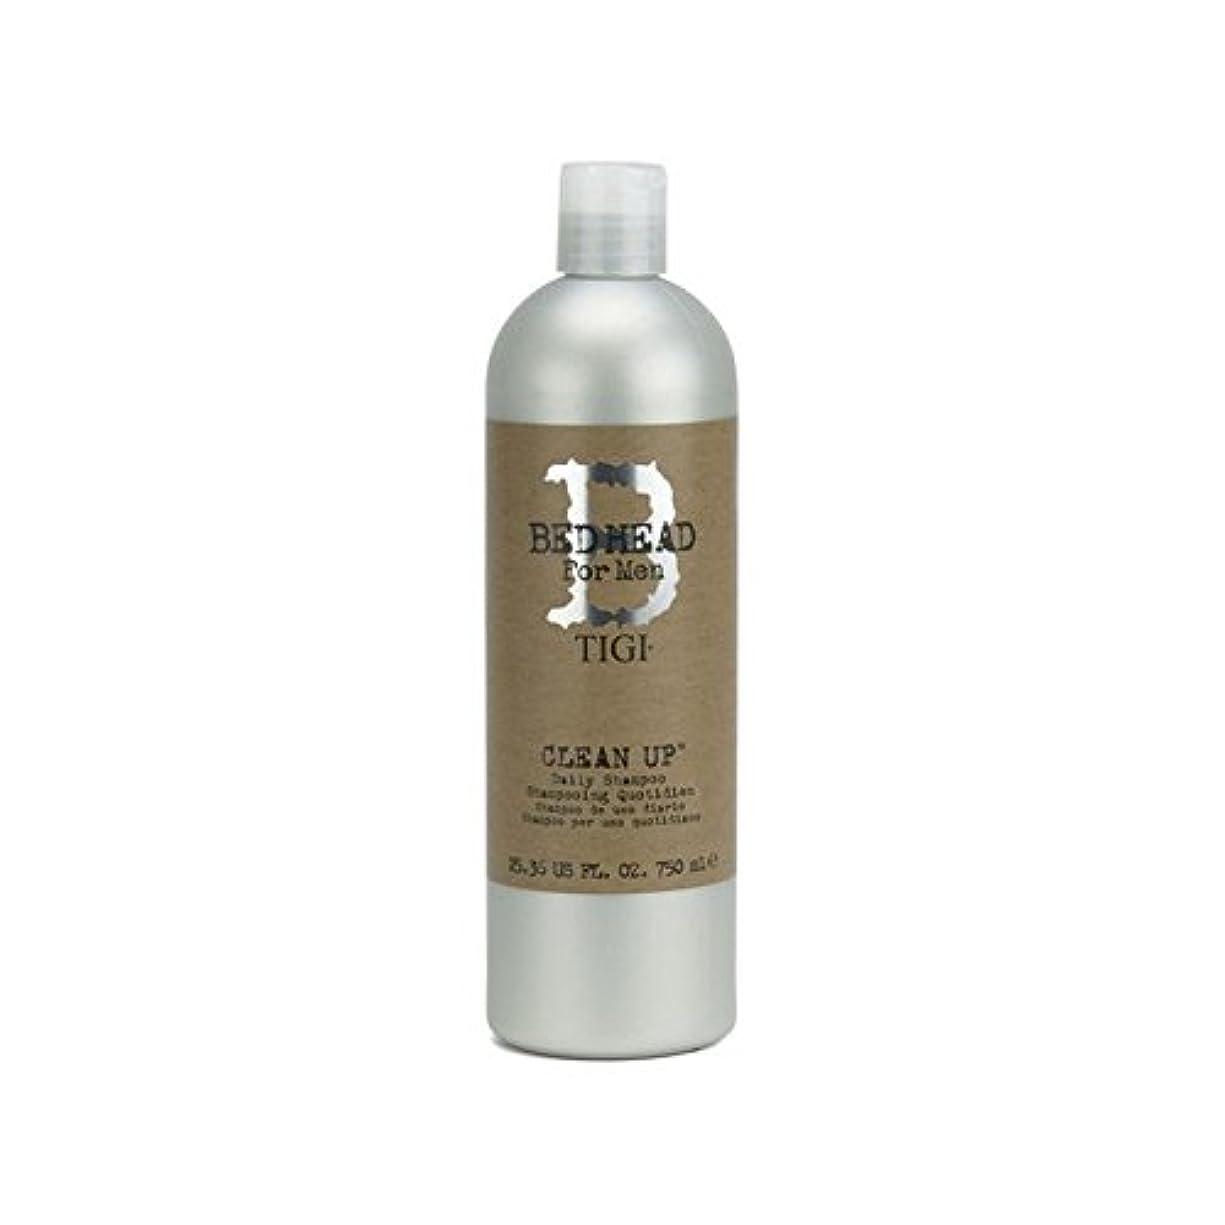 バルクトークブラウズ毎日シャンプーをクリーンアップする男性のためのティジーベッドヘッド(750ミリリットル) x2 - Tigi Bed Head For Men Clean Up Daily Shampoo (750ml) (Pack of 2) [並行輸入品]